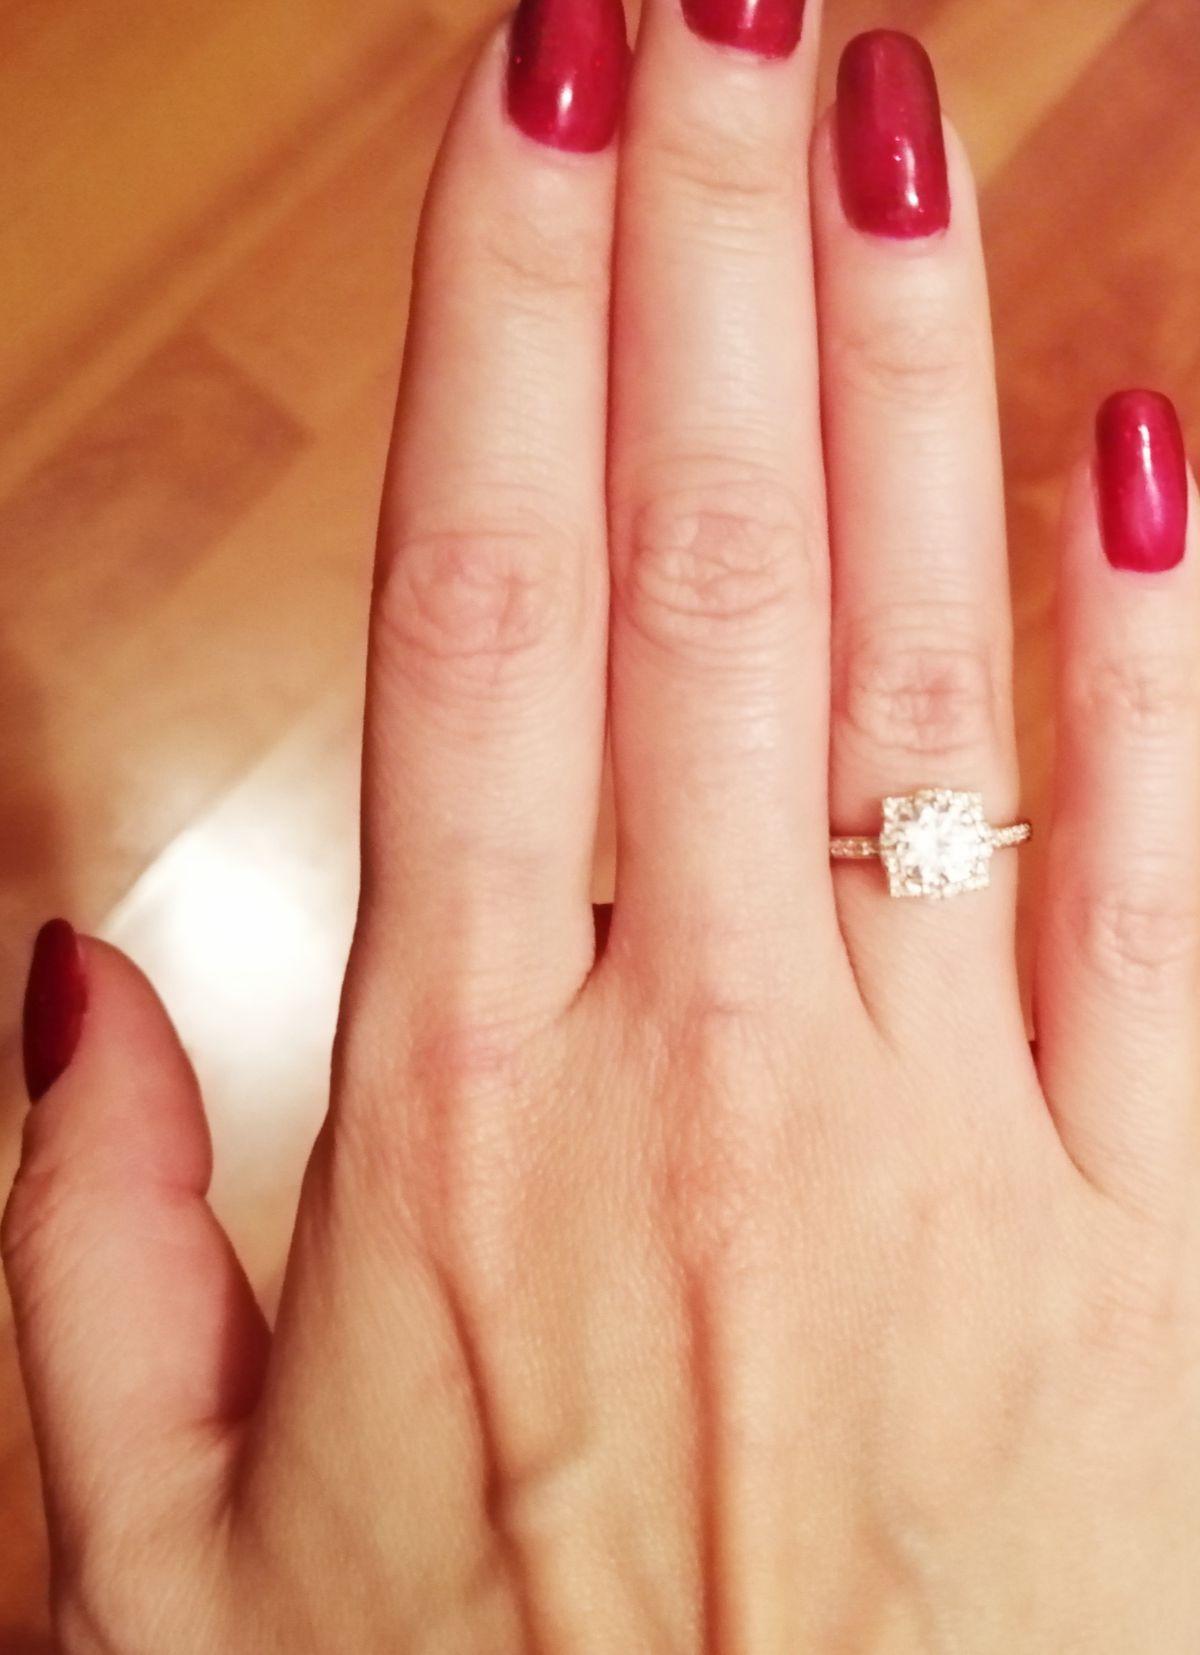 Кольцо для помолвки 😉